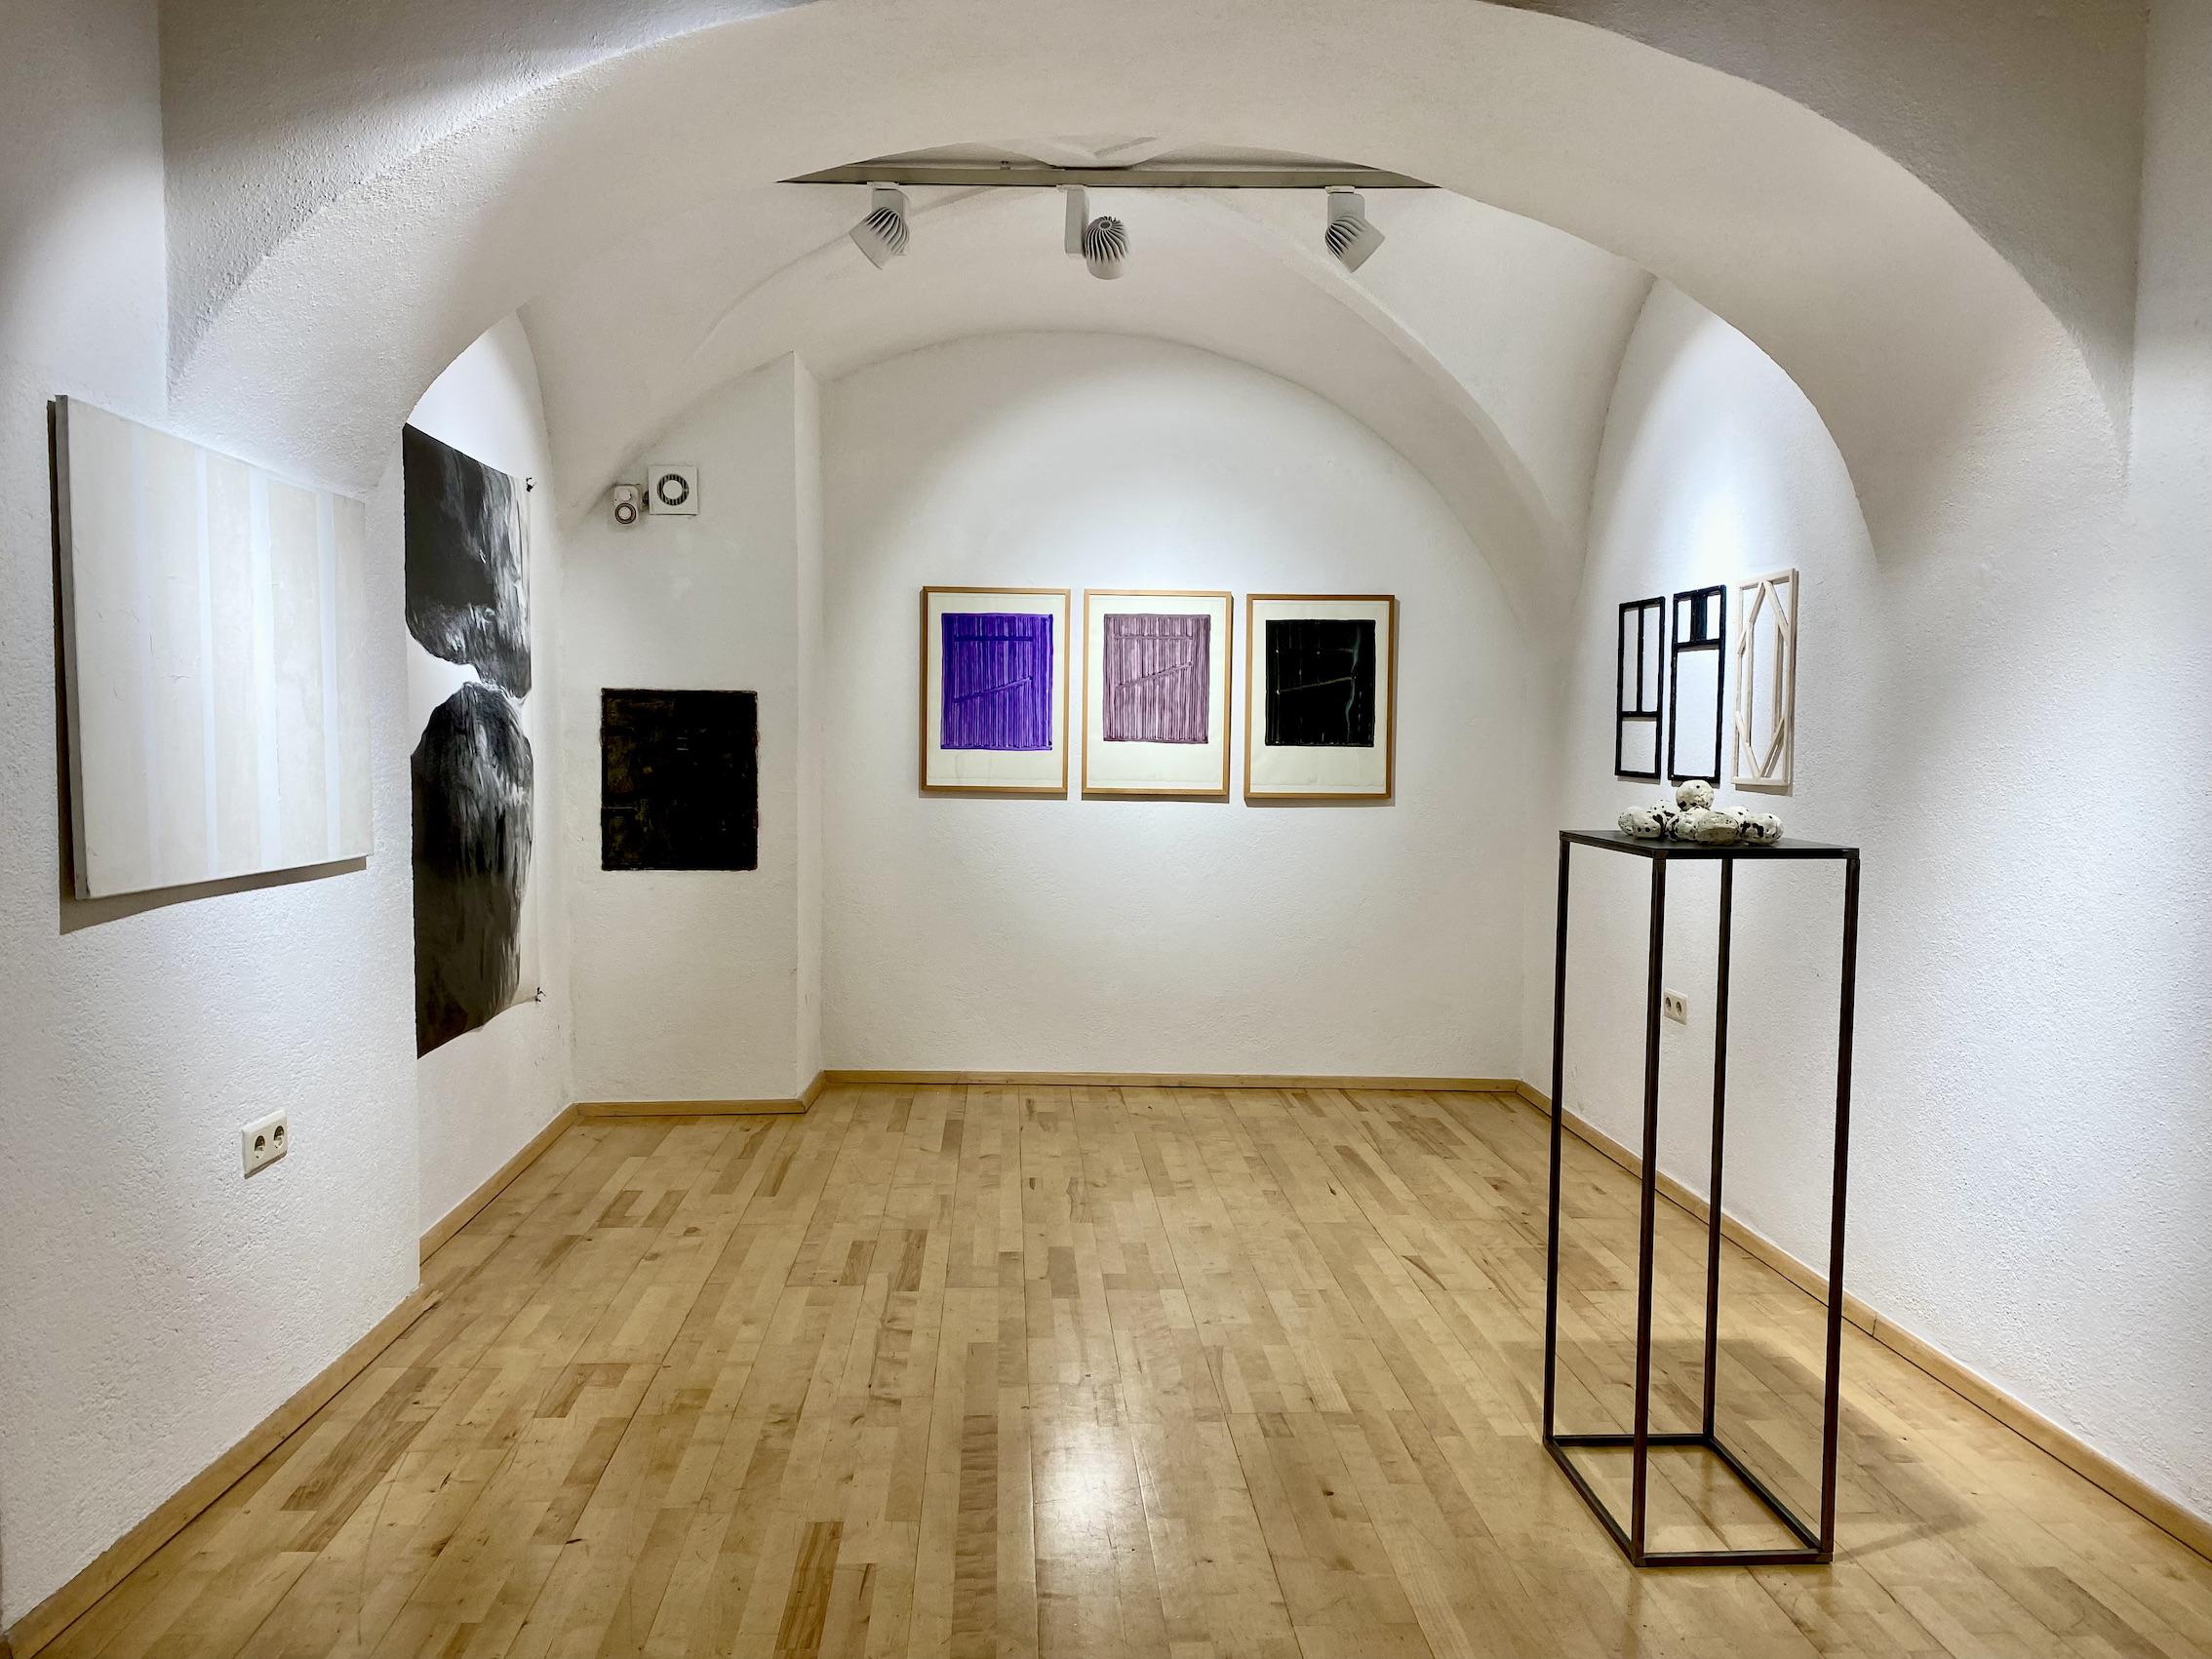 Rudi Stanzel_Ferdinand Penker_Marit Wolters_Bettina Schülke_Ausstellung_Galerie Frank Wien